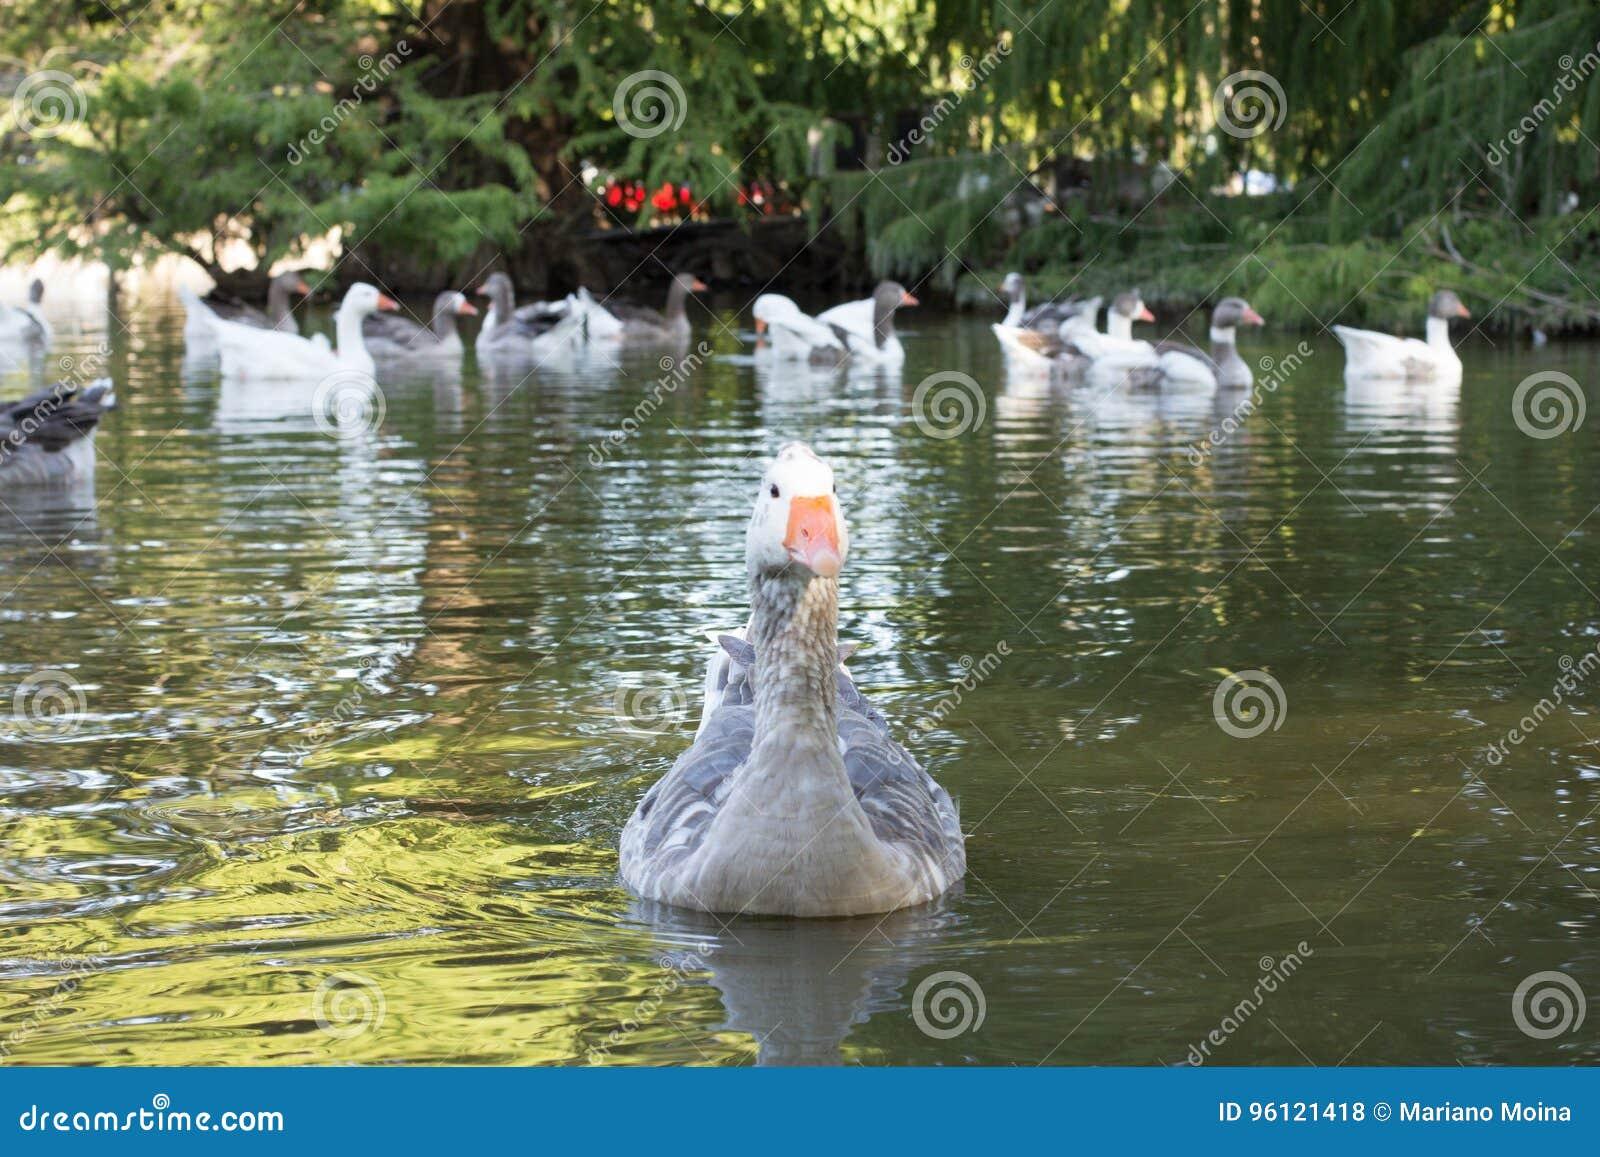 Anatra sul lago